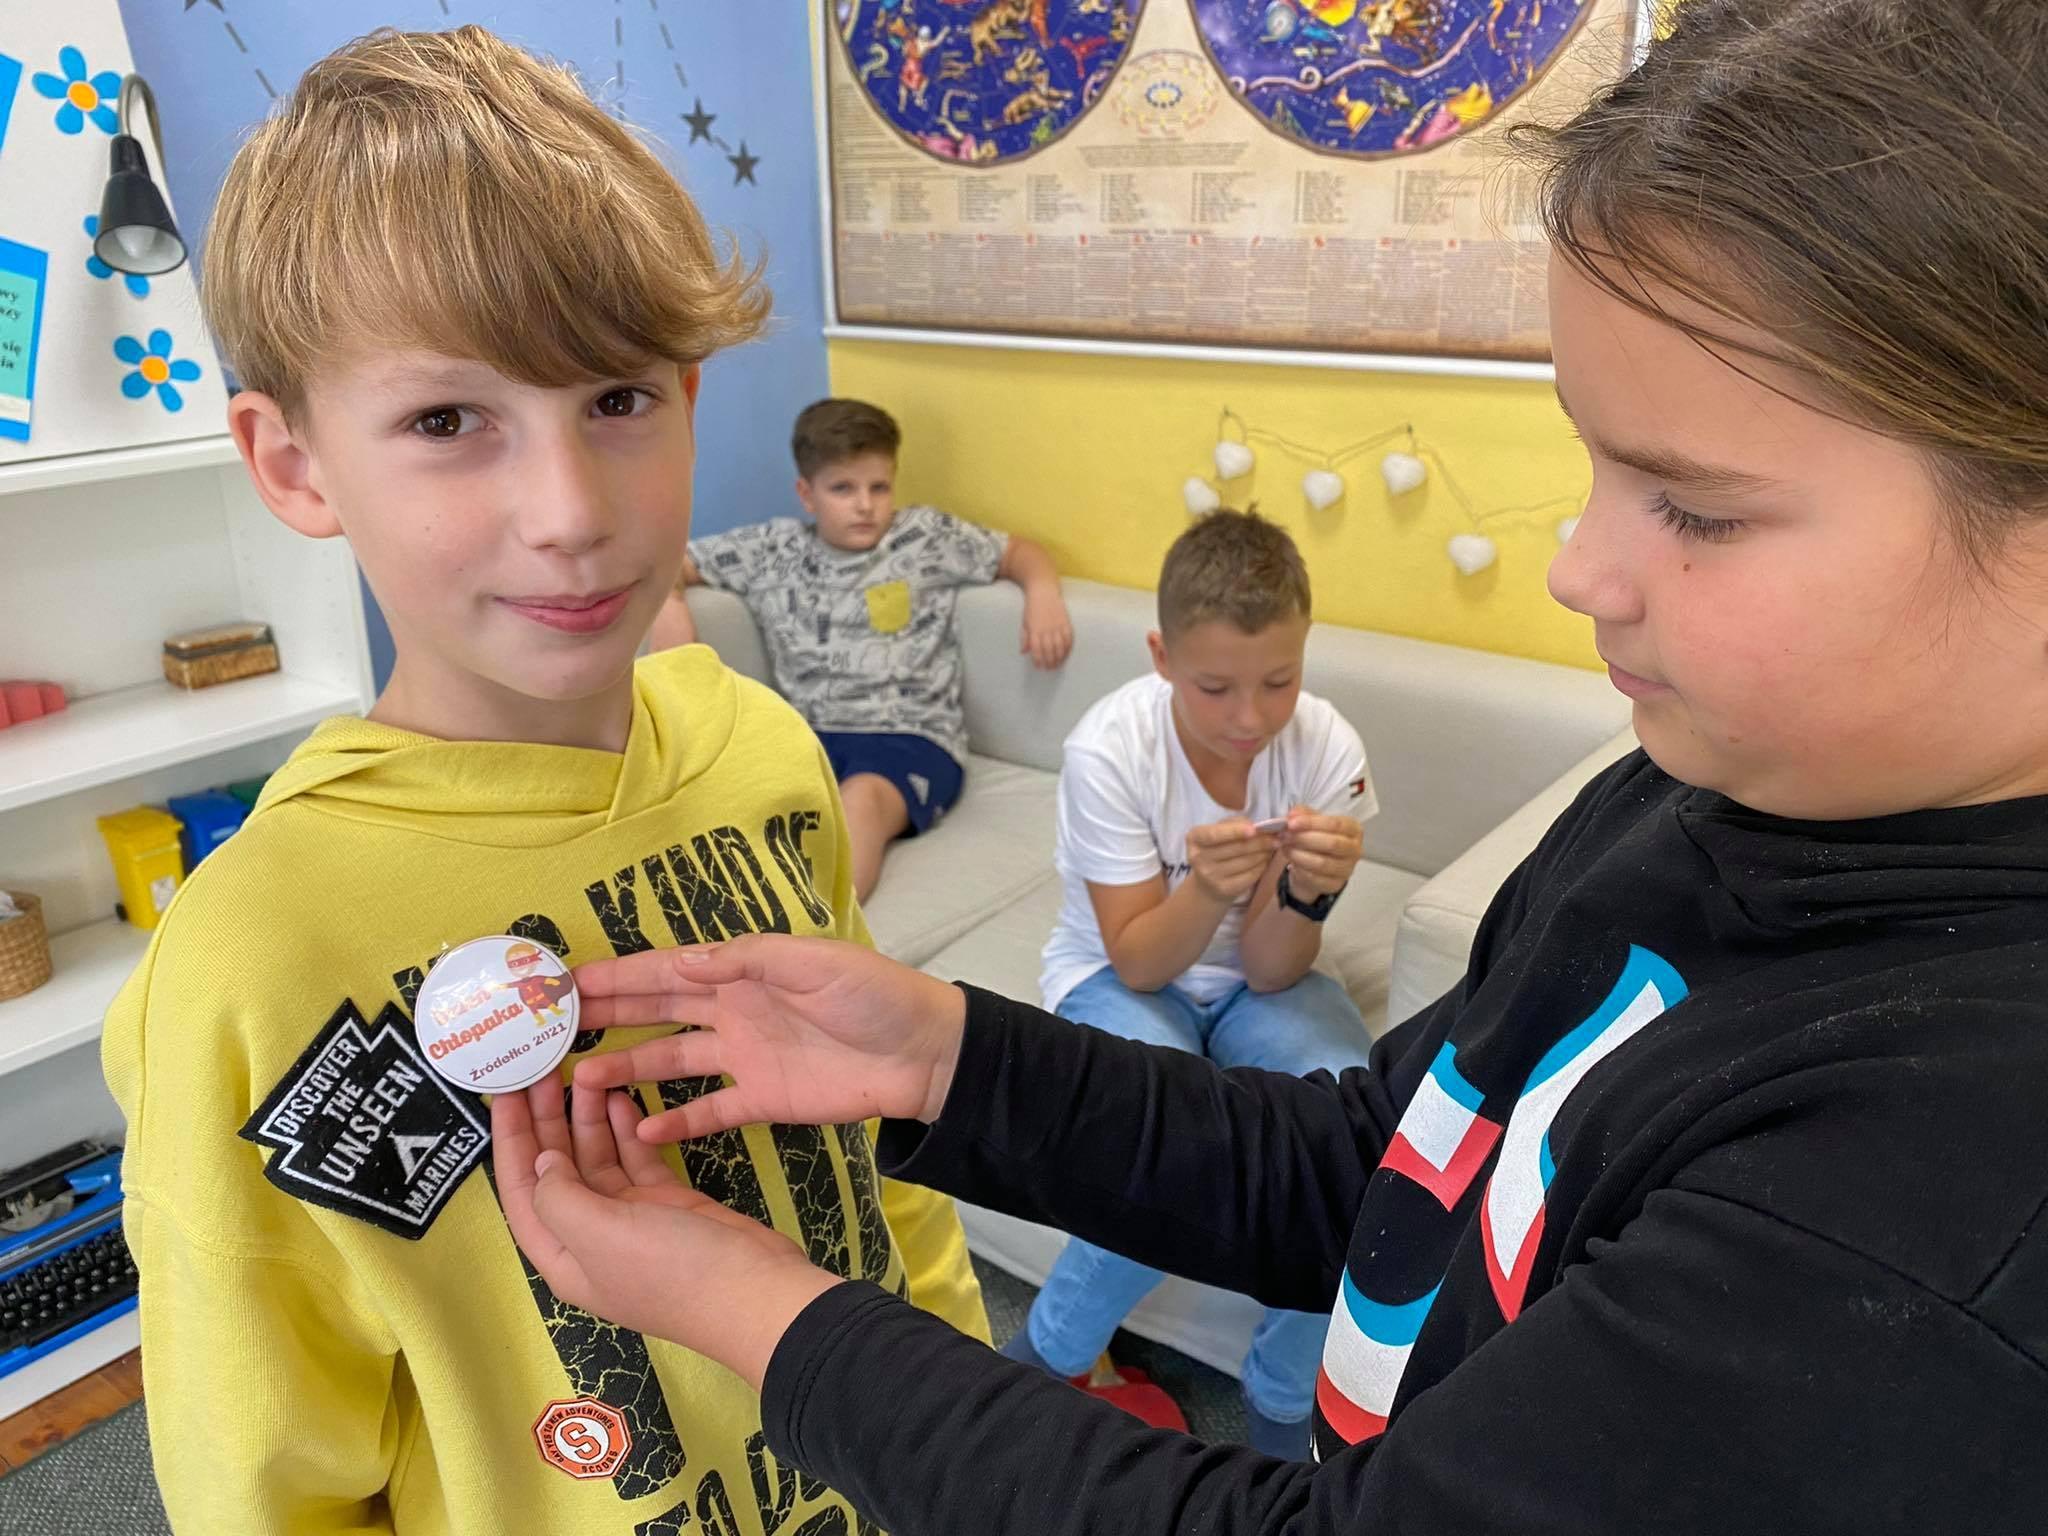 dziewczynka przypina chłopakowi ręcznie zrobioną przypinkę